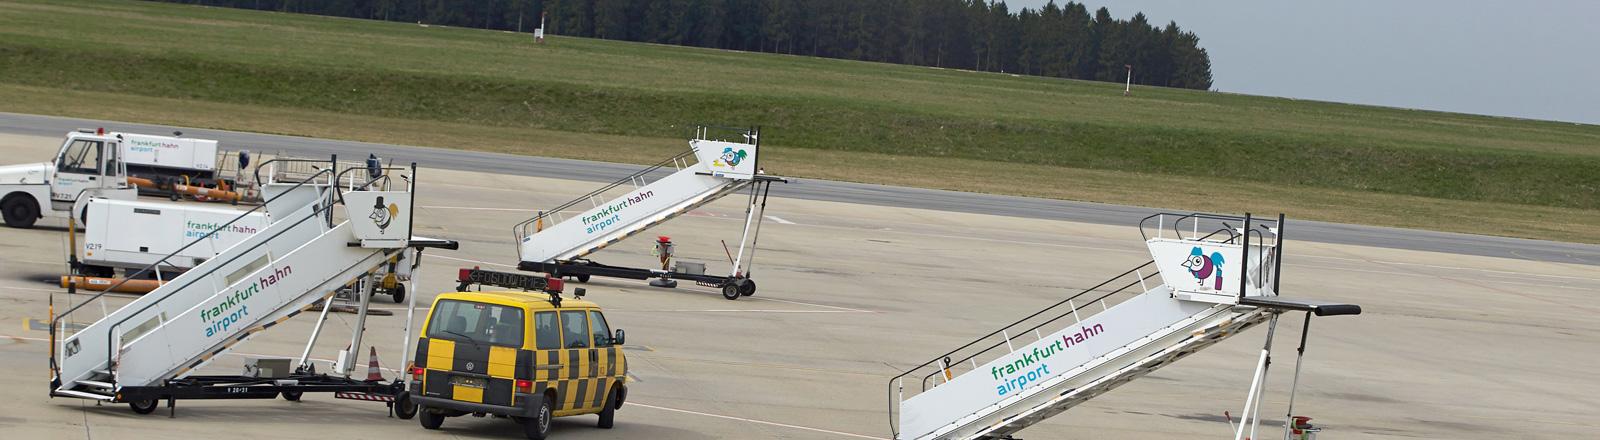 Auf dem Rollfeld des Regionalflughafens Hahn stehen drei Gangways; Foto: dpa